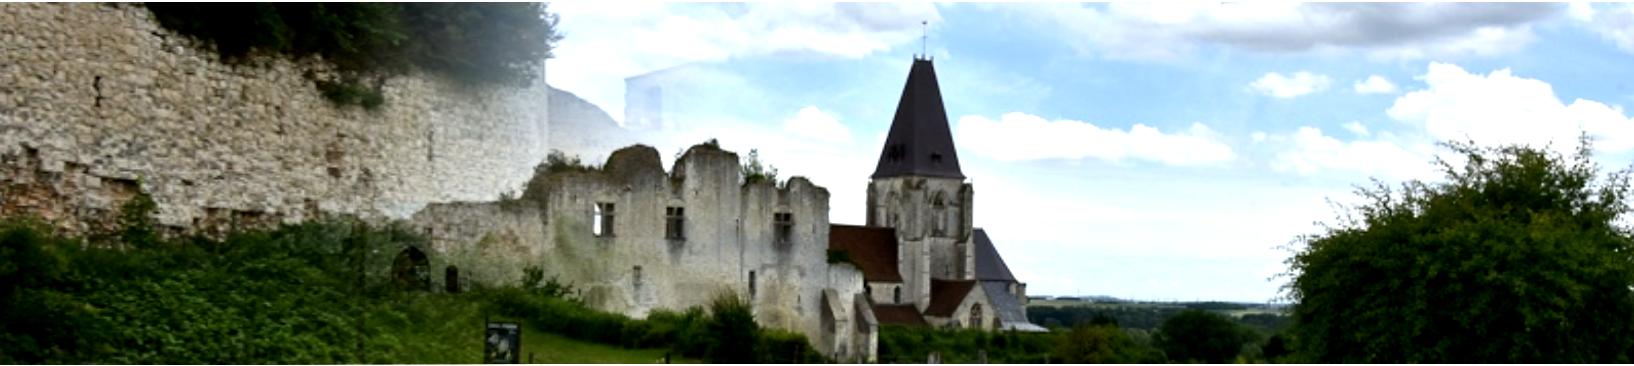 Picquigny somme le chateau fort et l eglise